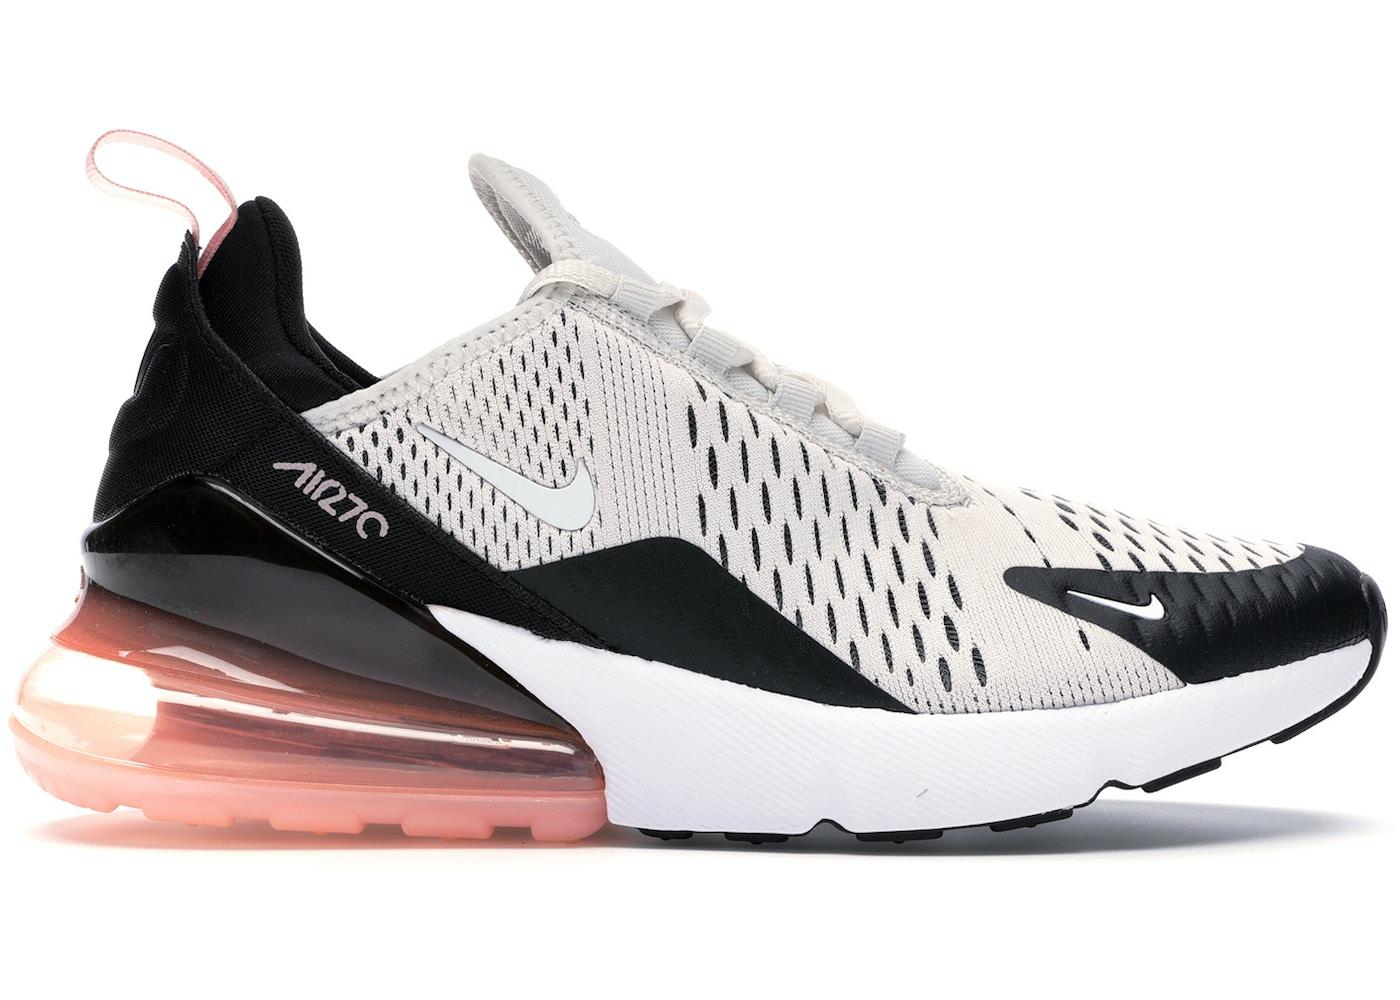 Impermeabile approccio Miglioramento  Nike Air Max 270 Platinum Coral (GS) - 943346-005